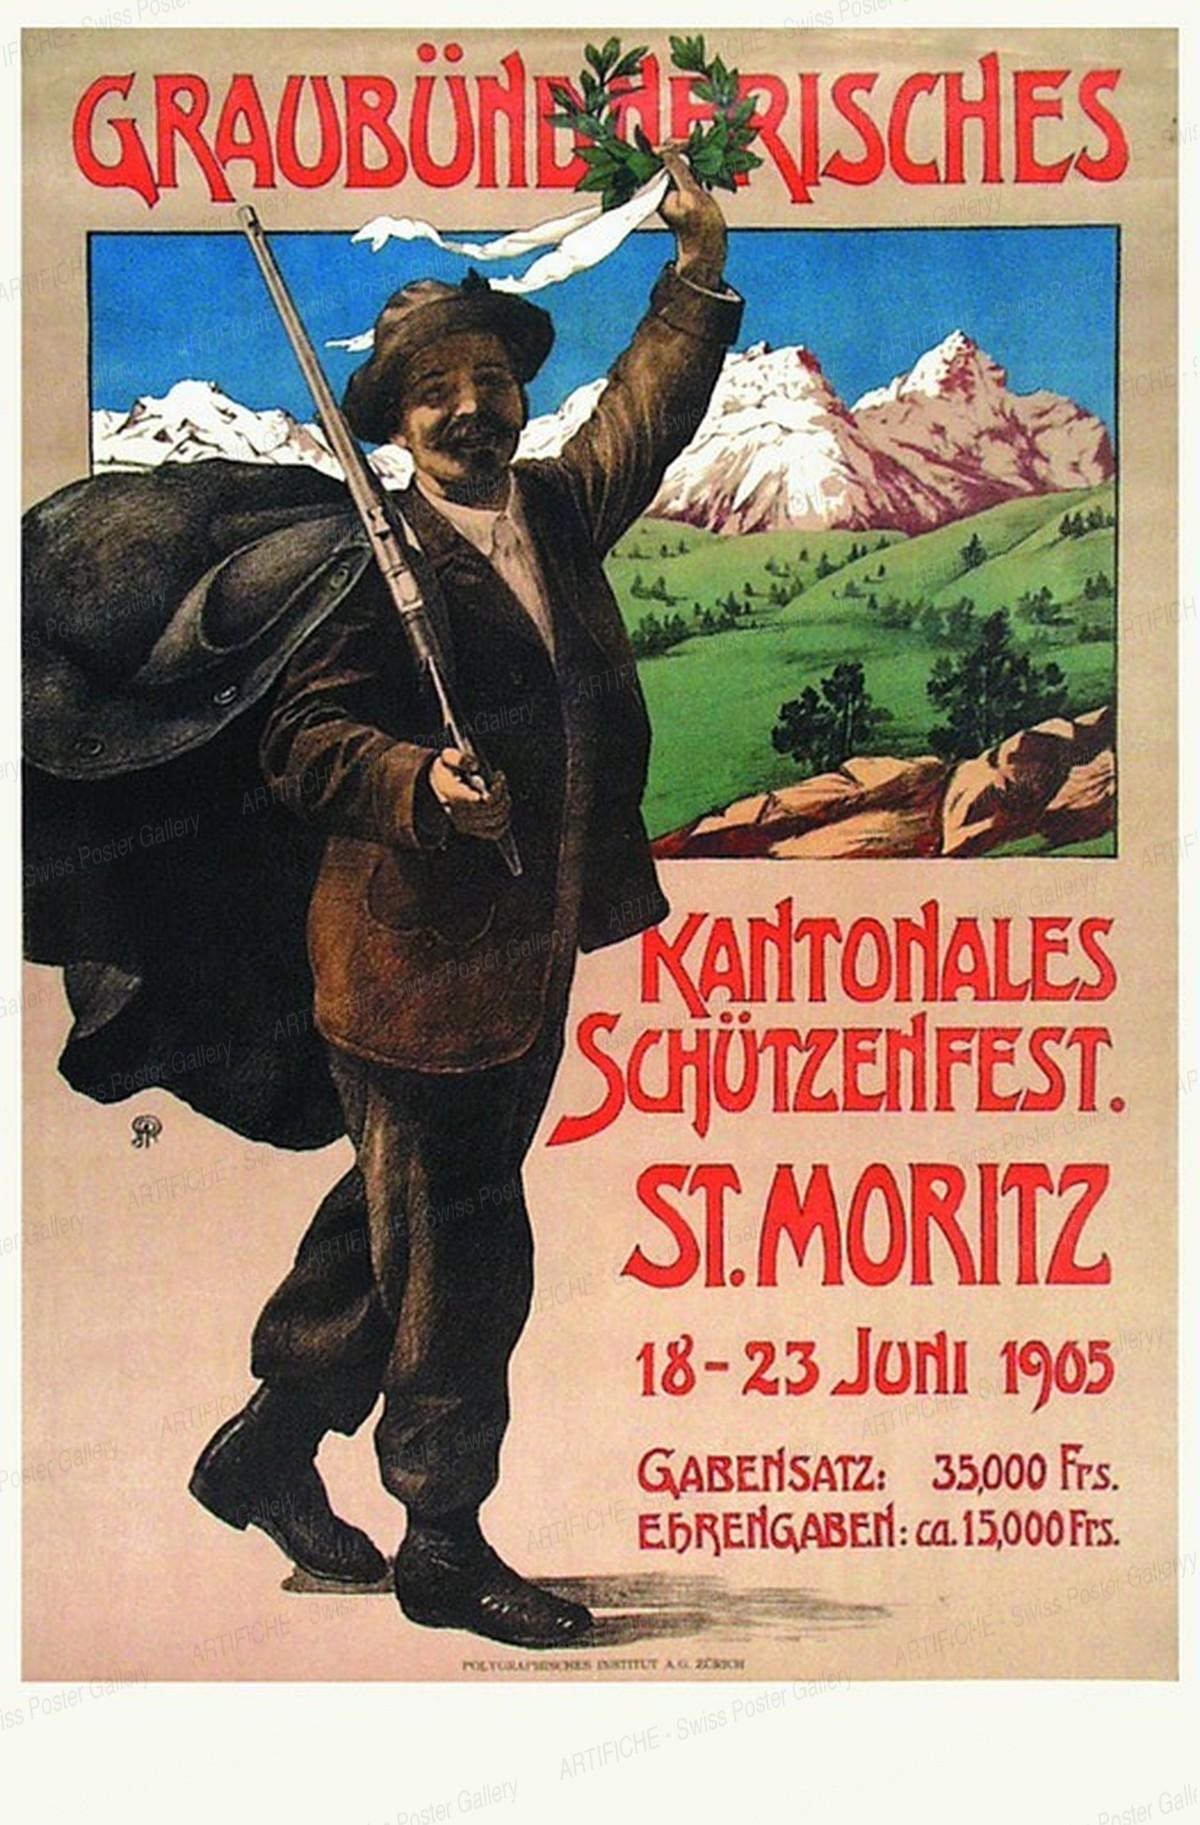 Graubündnerisches Kantonales Schützenfest St. Moritz 1905, Artist unknown